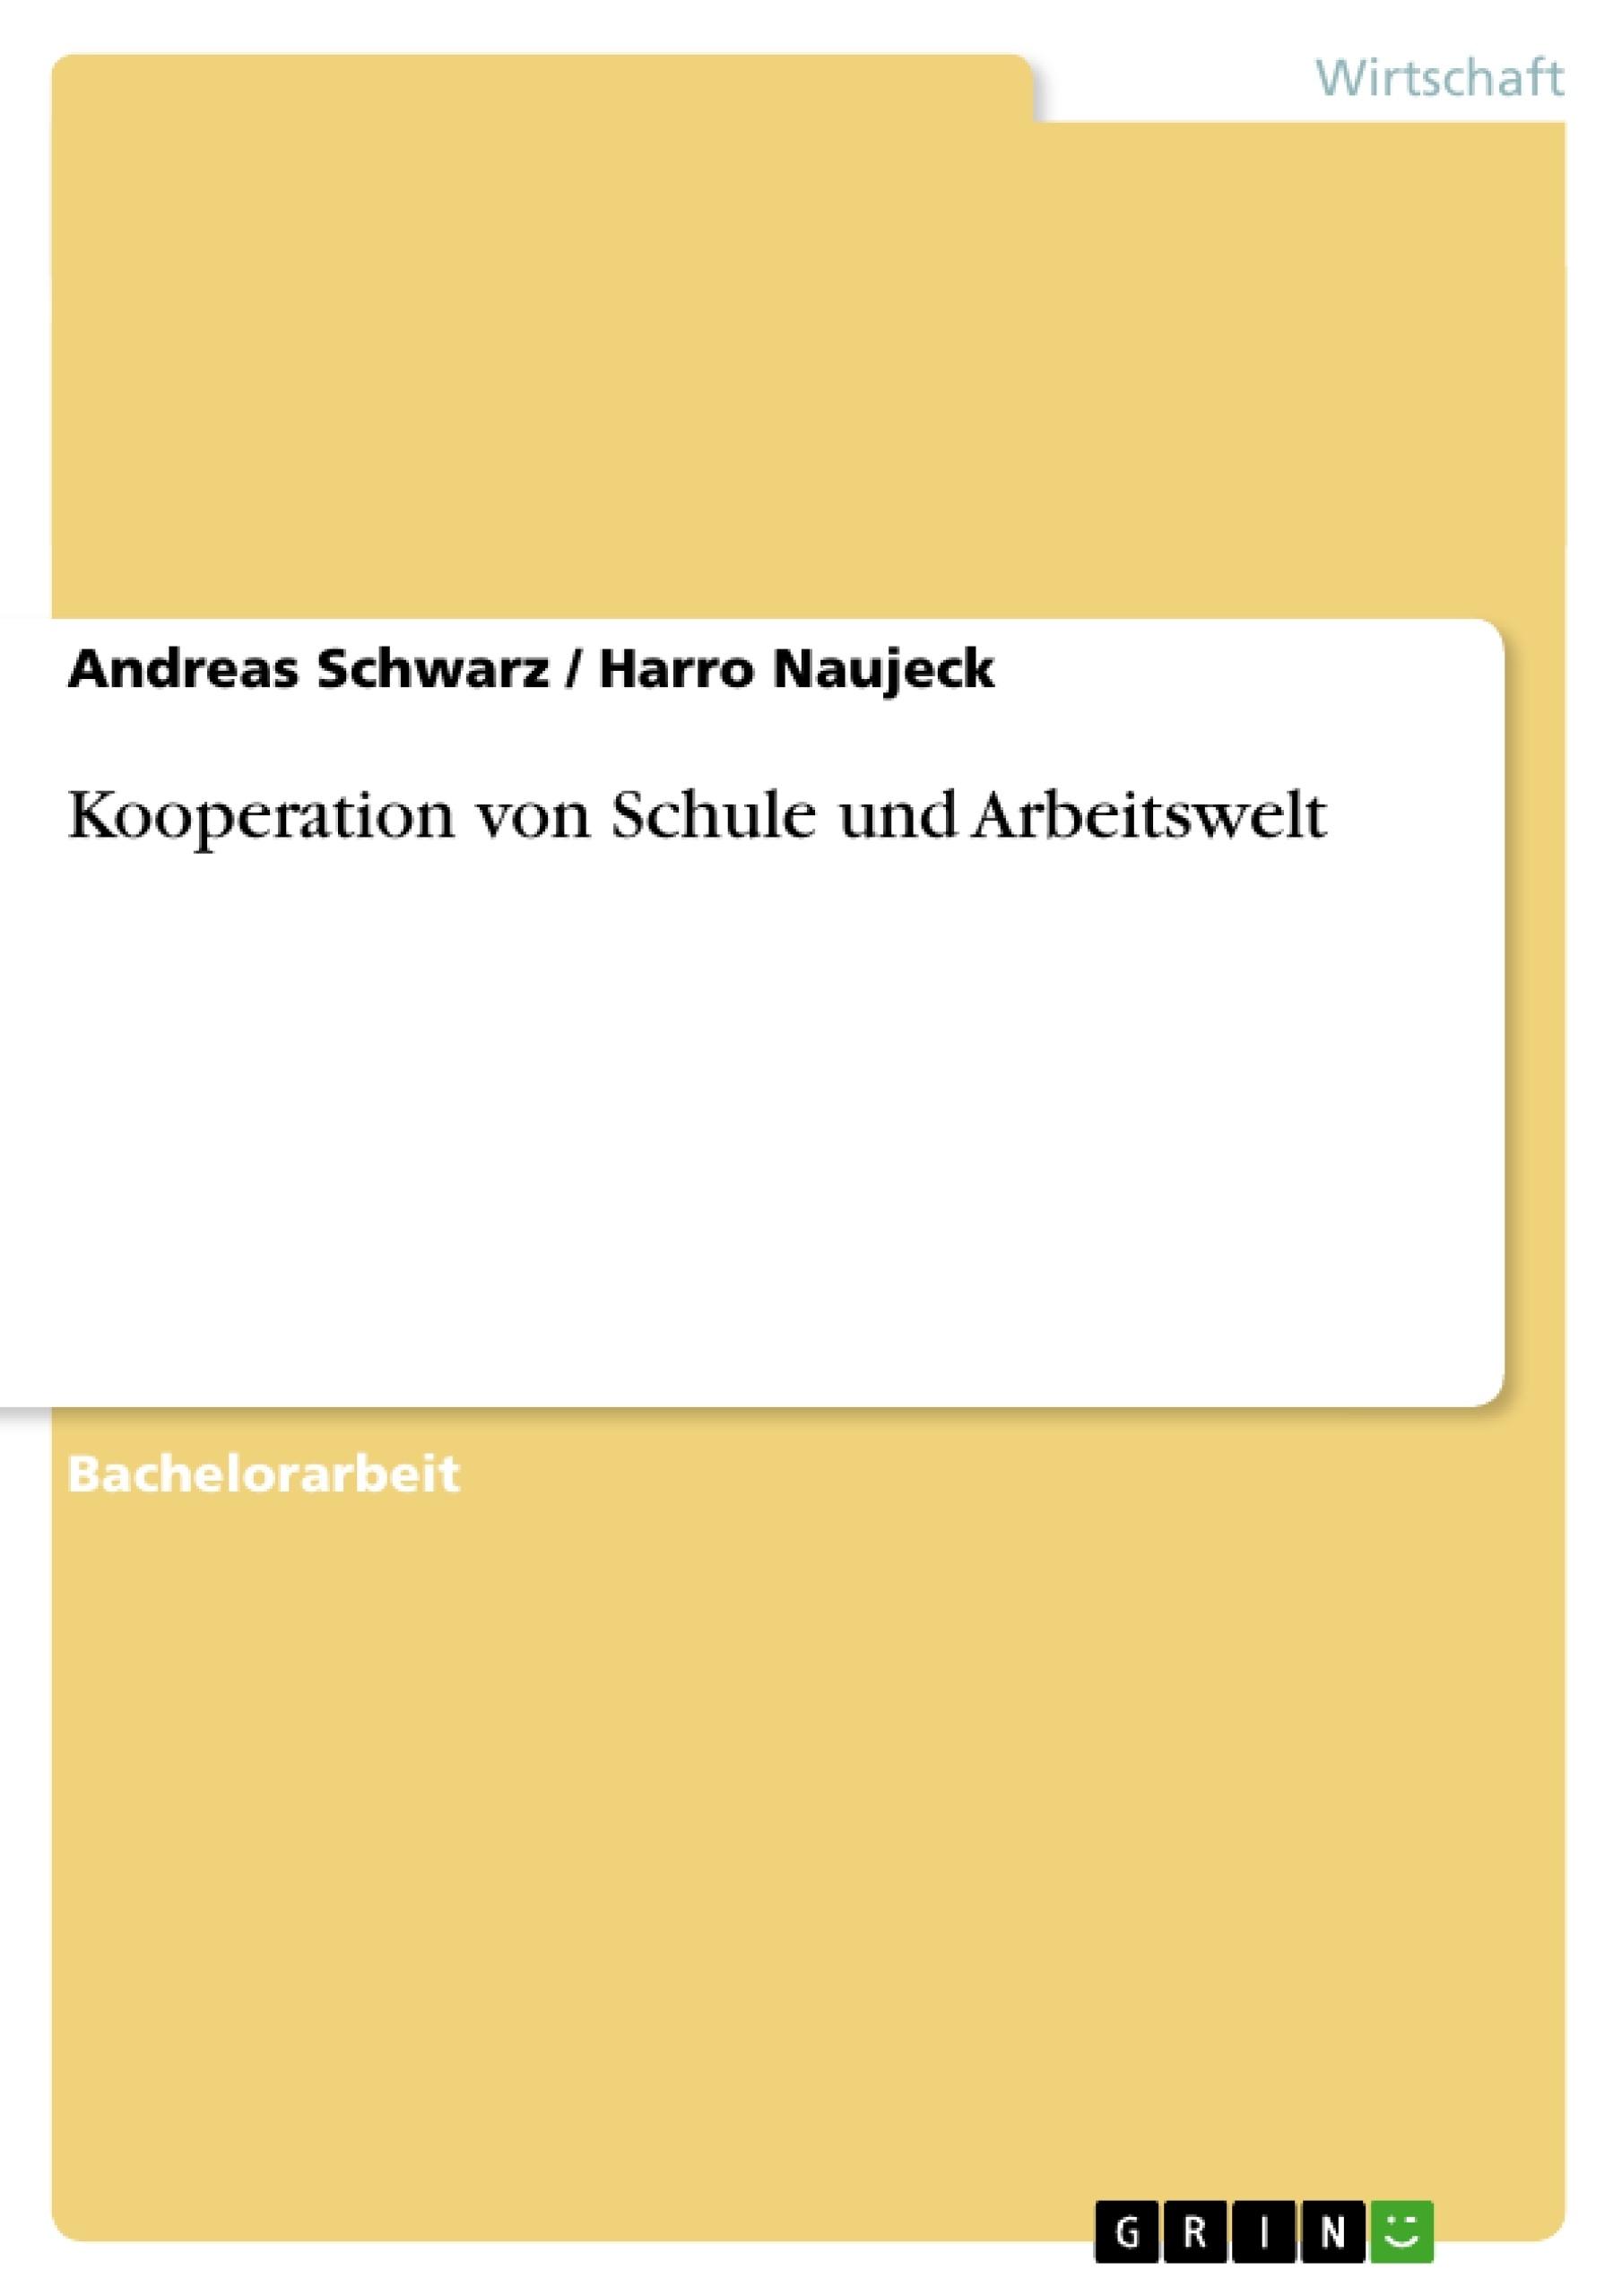 Titel: Kooperation von Schule und Arbeitswelt